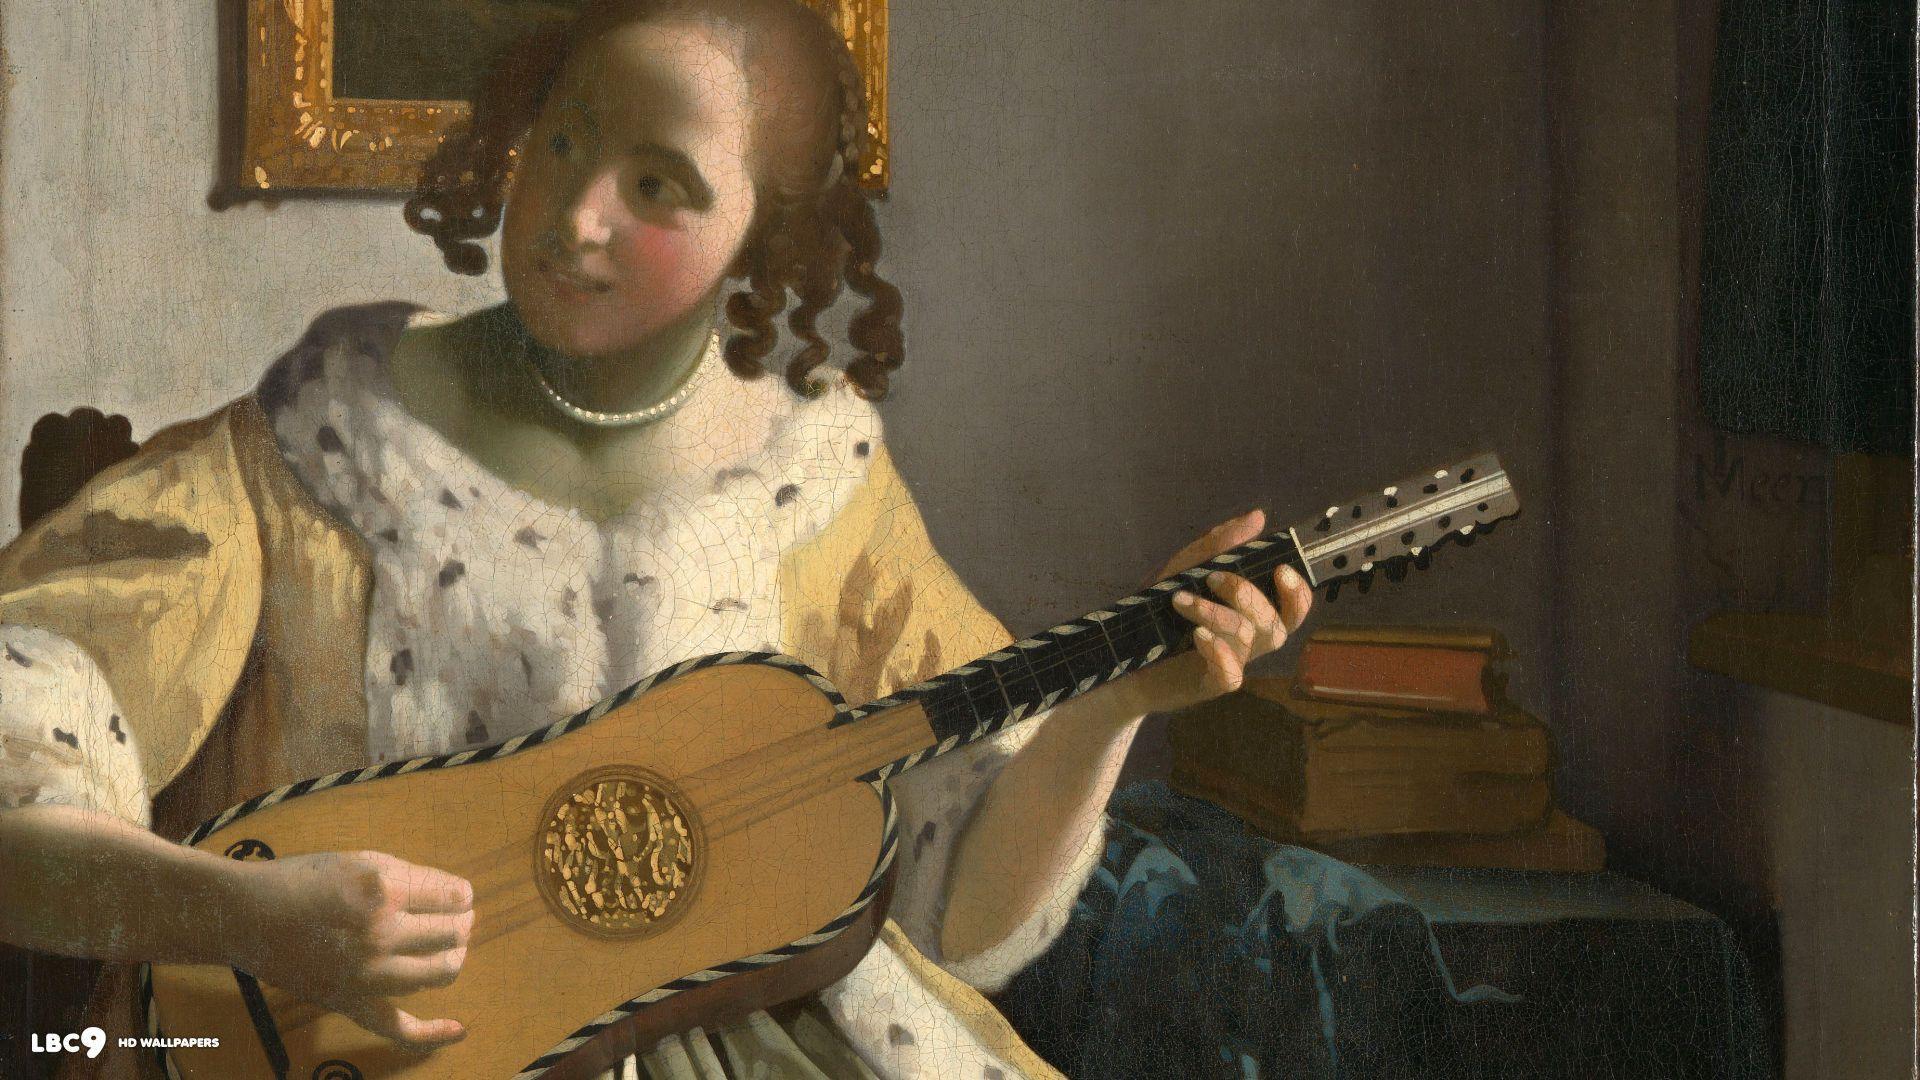 johannes vermeer wallpaper 10/16 | paintings hd backgrounds